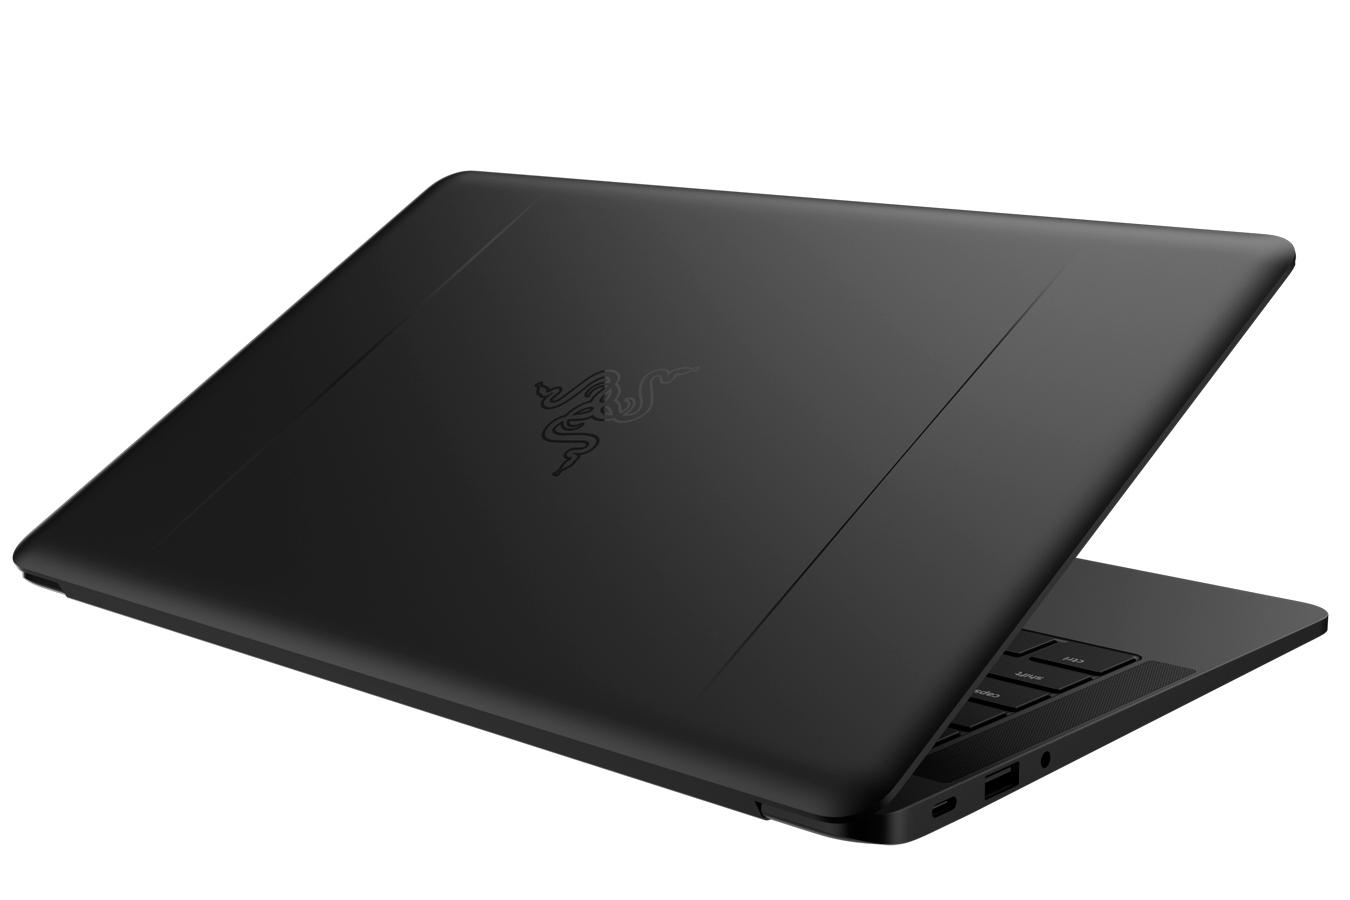 Razer выпустила ноутбук Blade Stealth ввиде неменее крупной модели